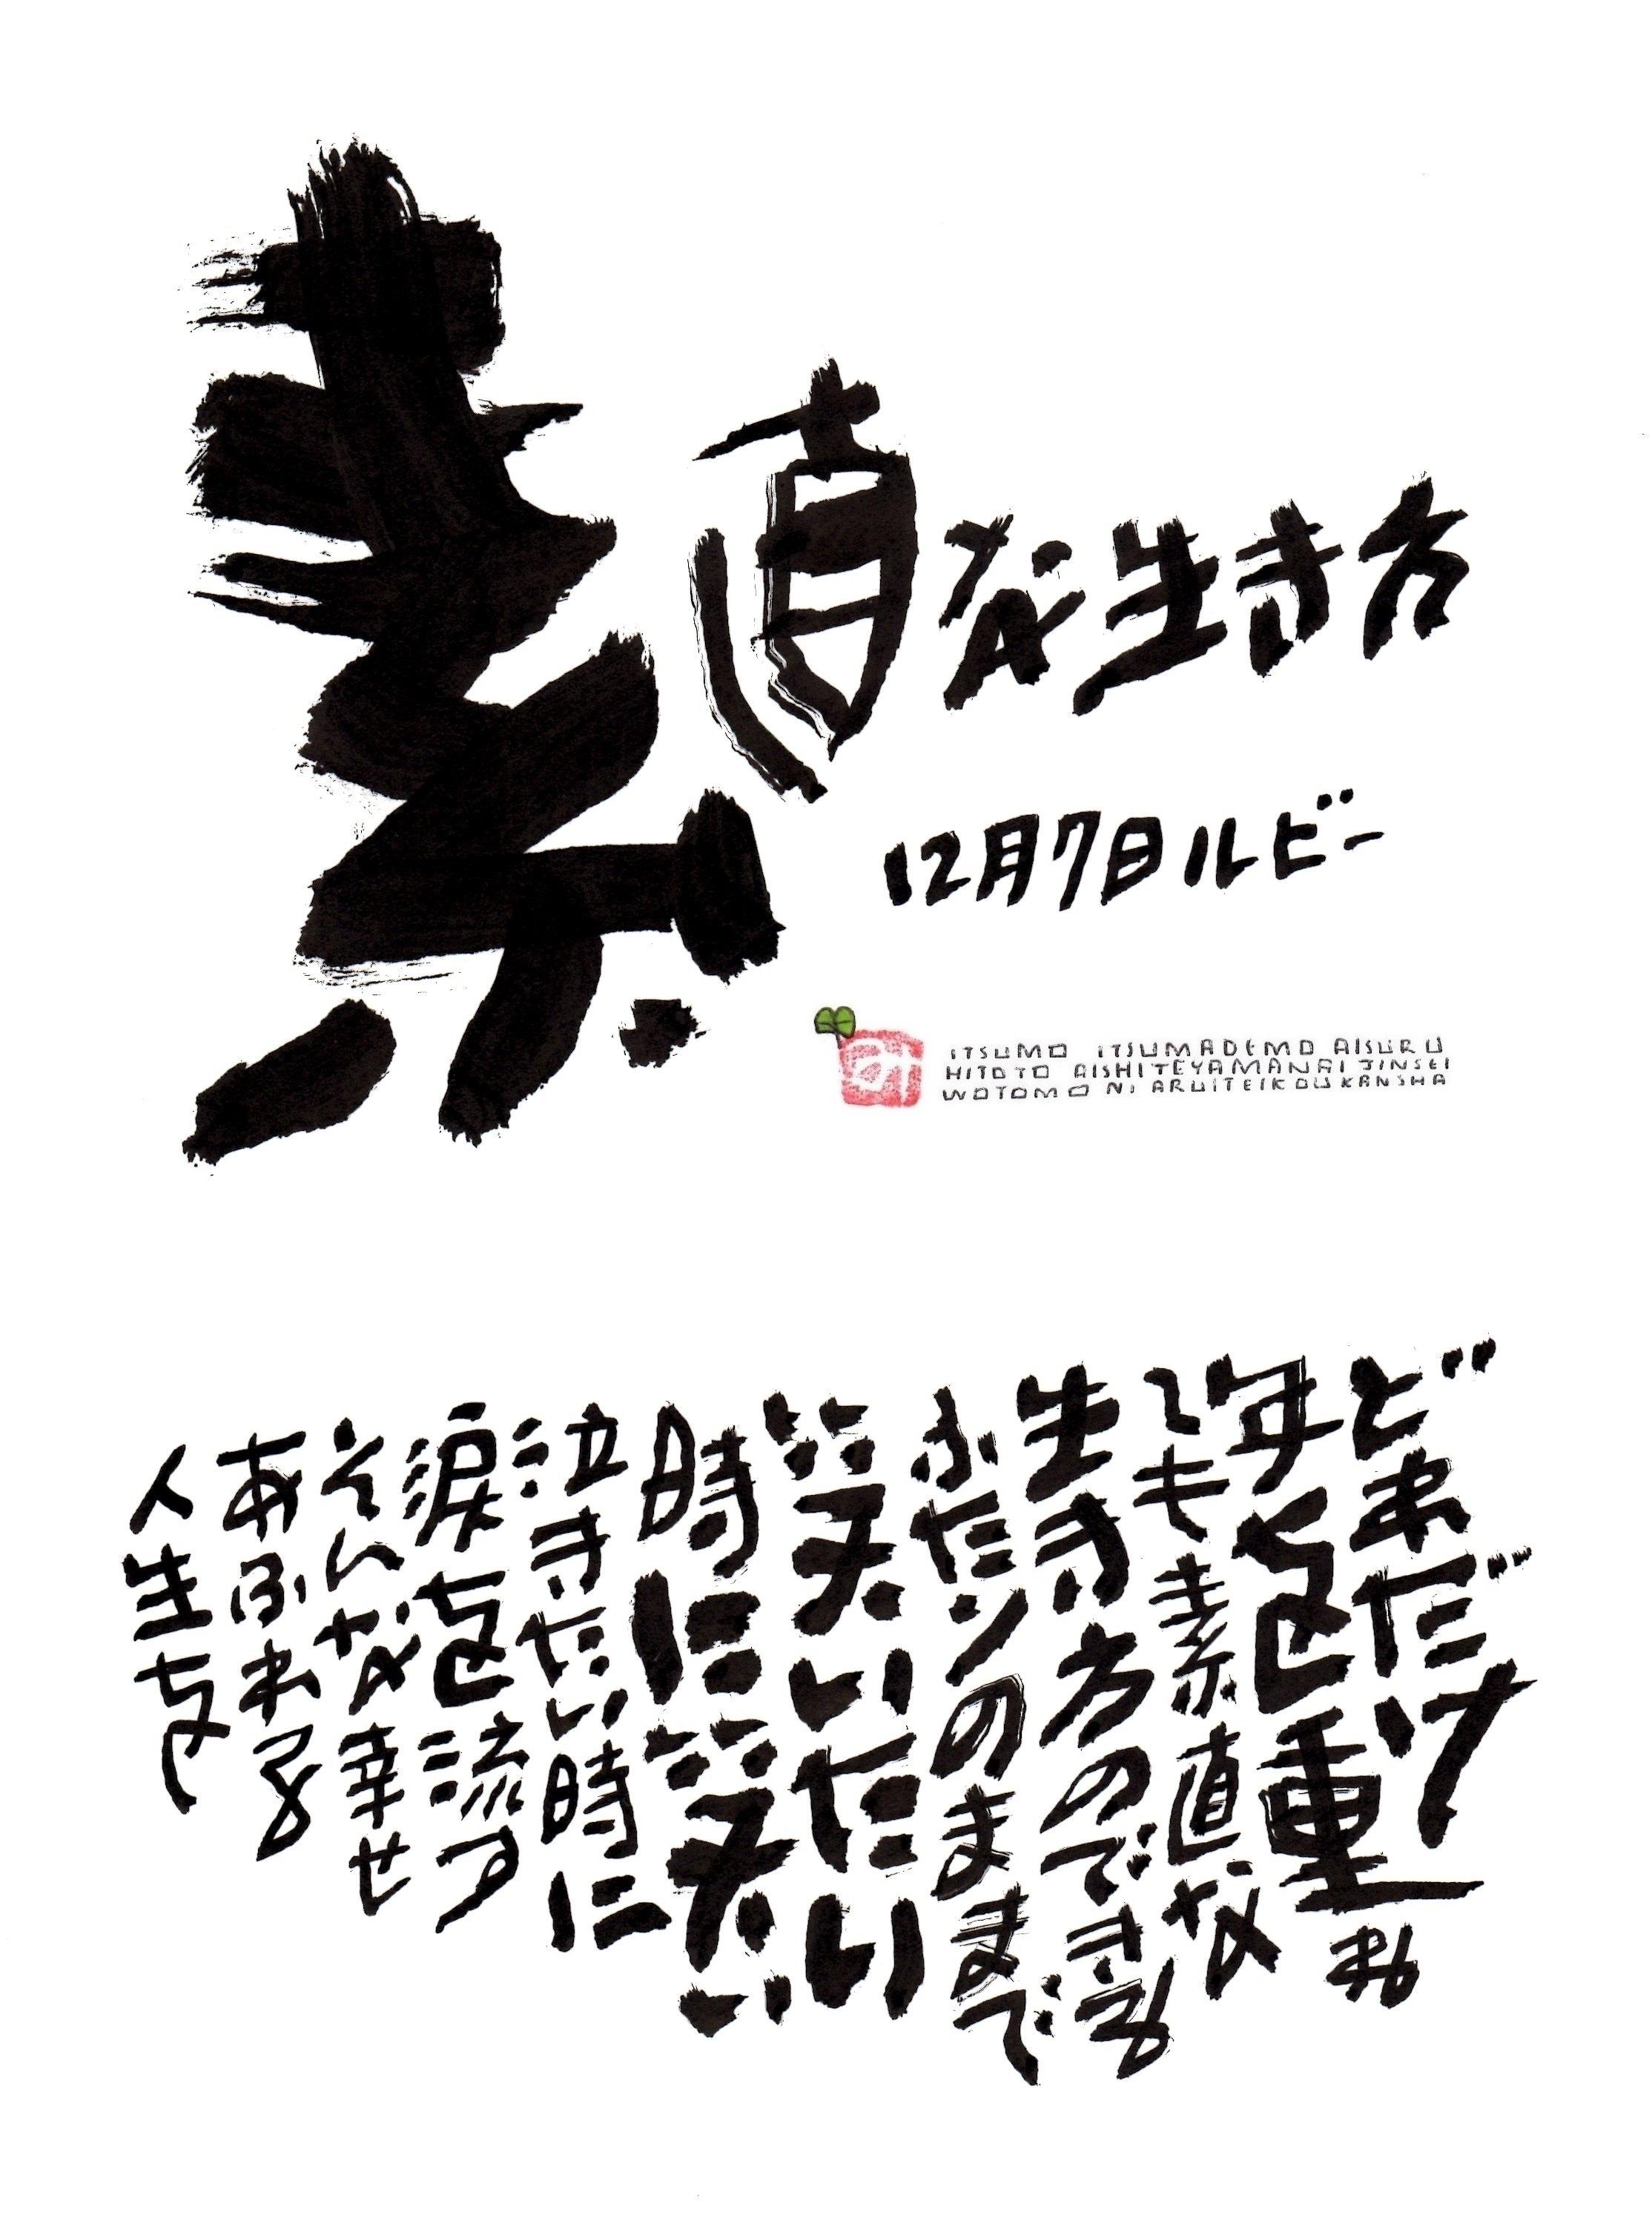 12月7日 結婚記念日ポストカード【素直な生き方】